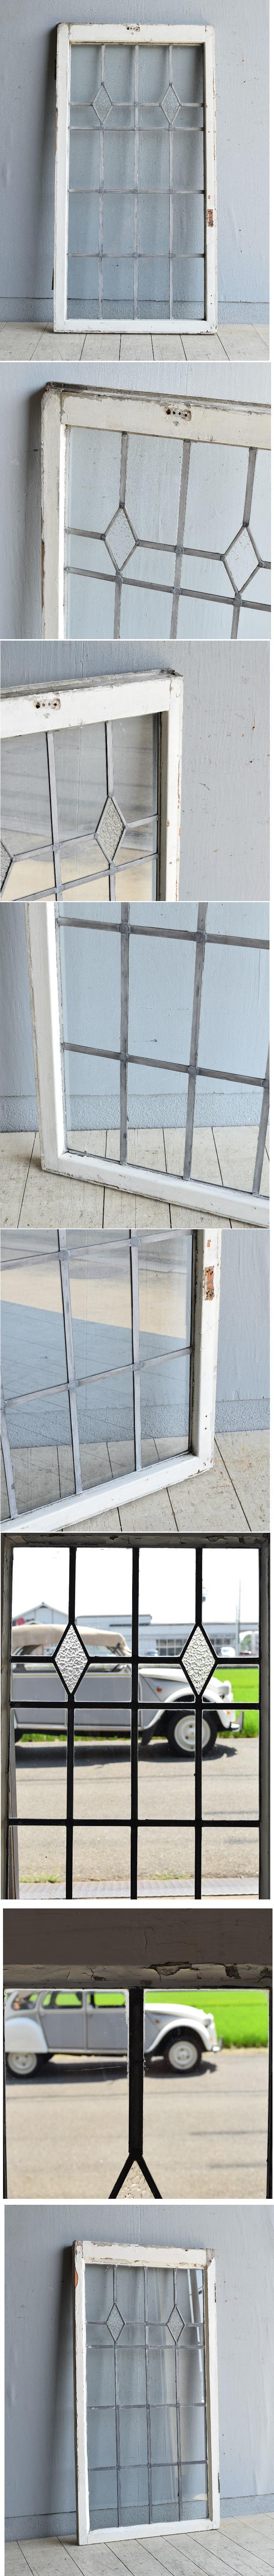 イギリス アンティーク 窓 無色透明 8104